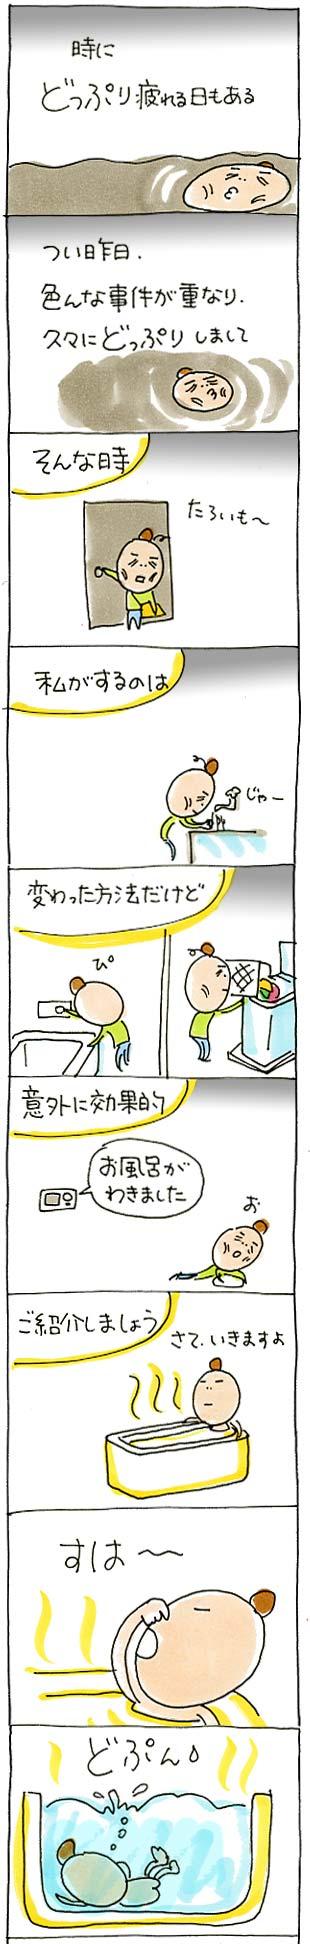 風呂に潜る1